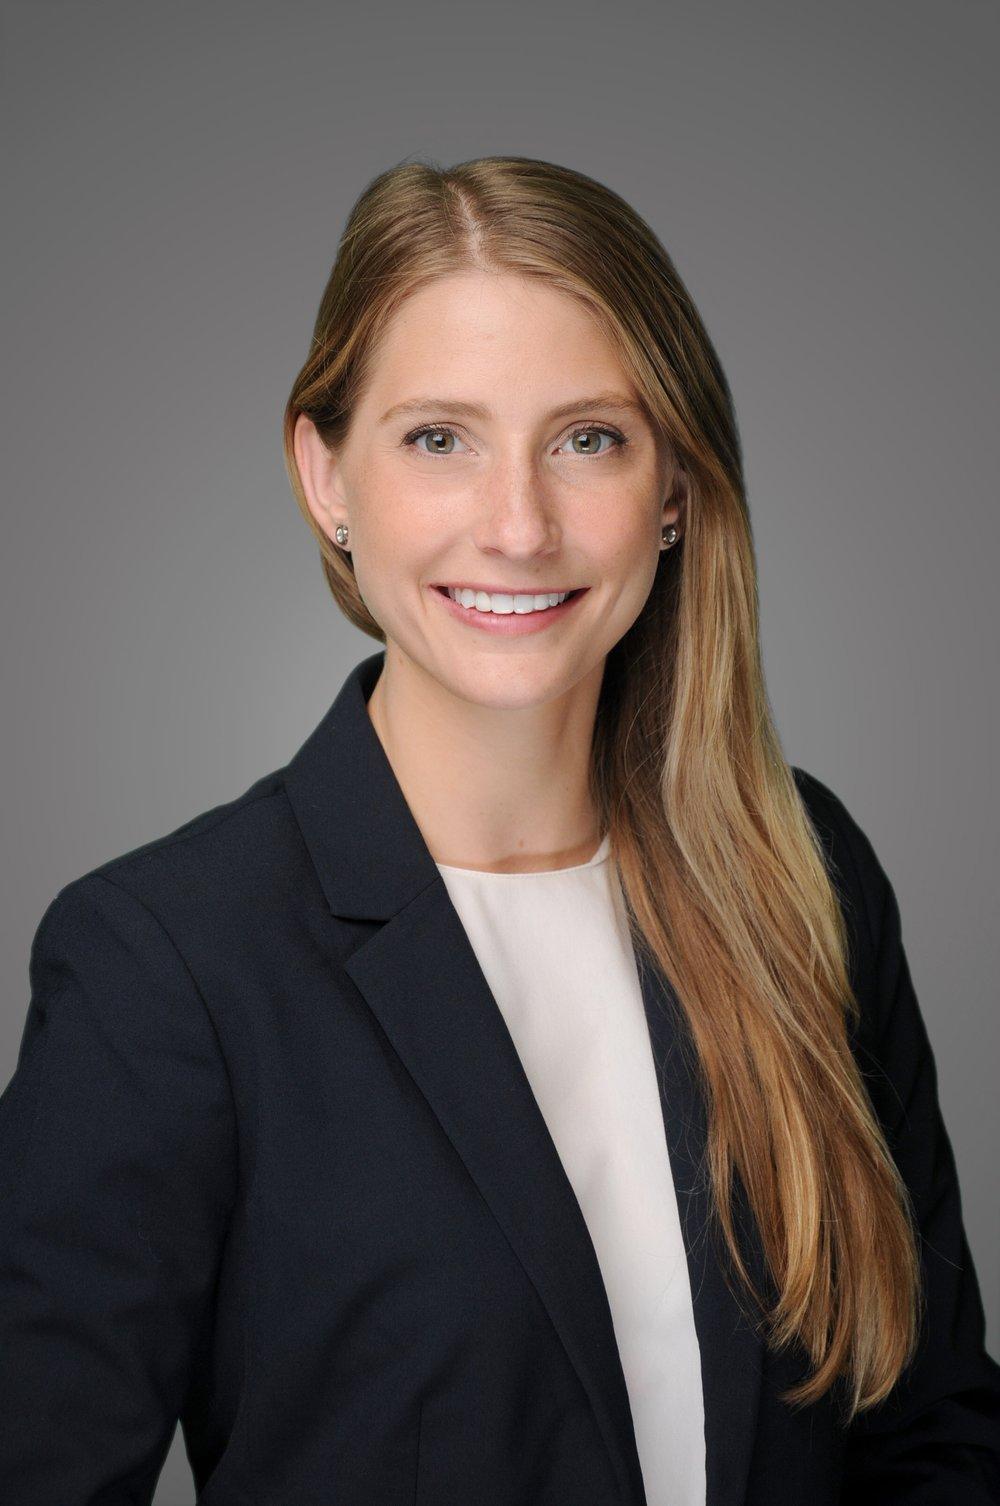 Ivana Doubek   VP of Finance & Ops  igd206@stern.nyu.edu